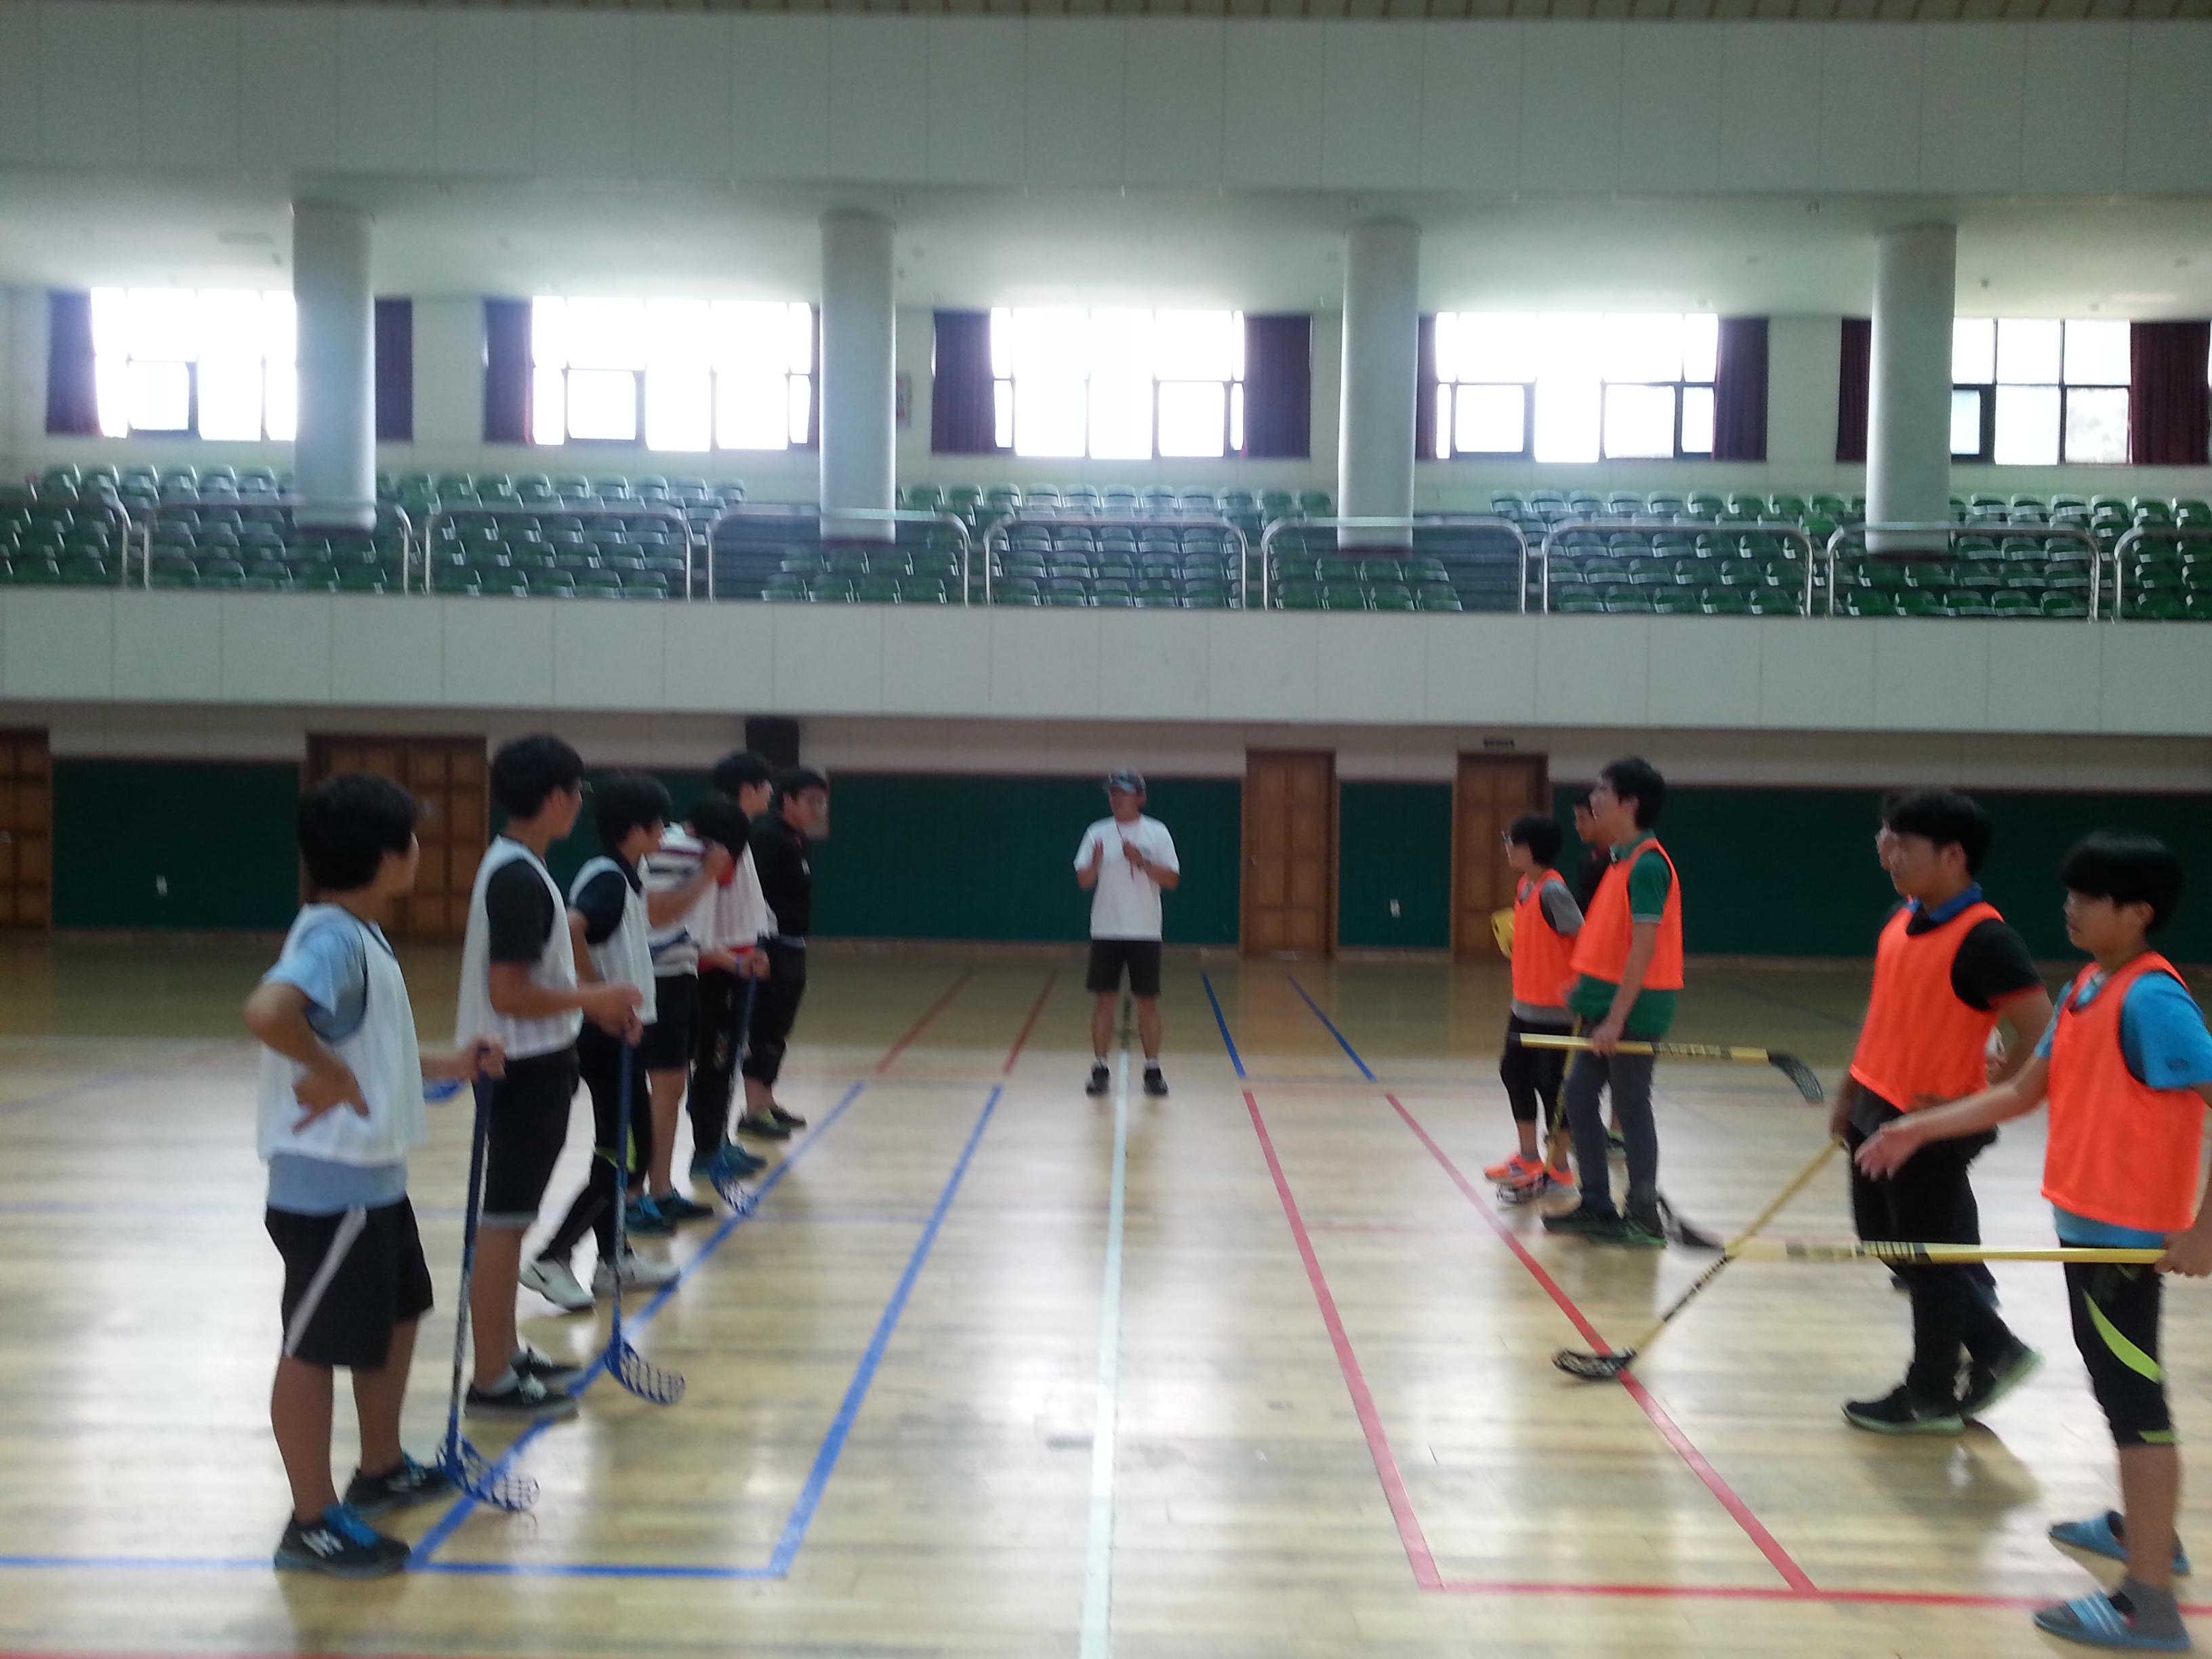 [일반] 포천학교스포츠클럽리그전 참가경기모습의 첨부이미지 5